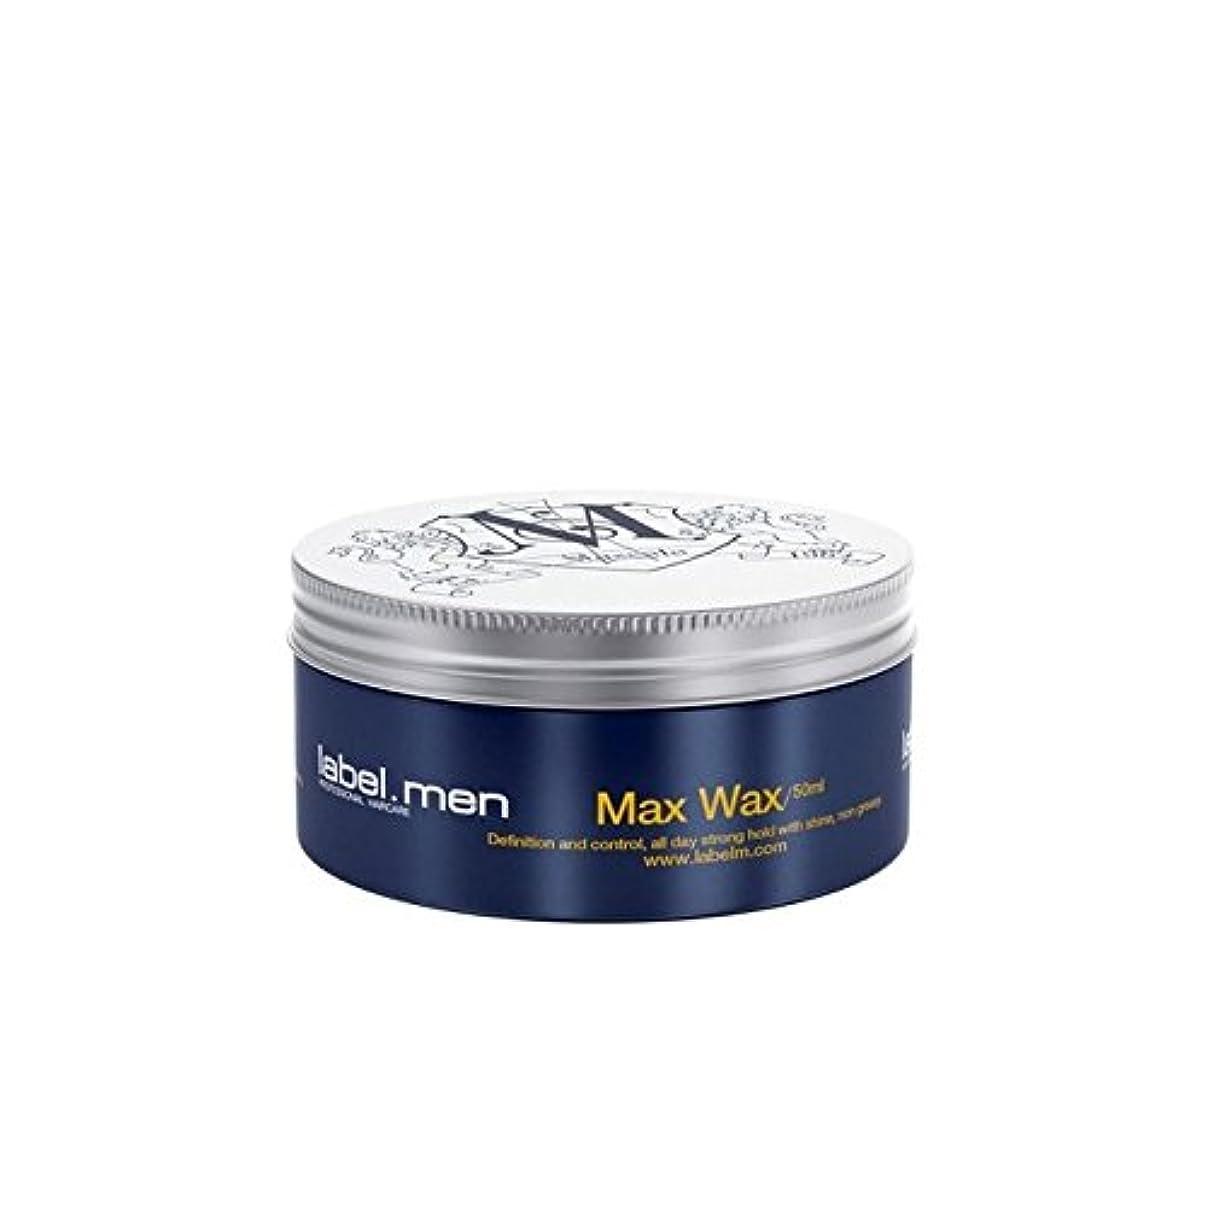 プレゼンテーションマート同行.マックスワックス(50ミリリットル) x2 - Label.Men Max Wax (50ml) (Pack of 2) [並行輸入品]